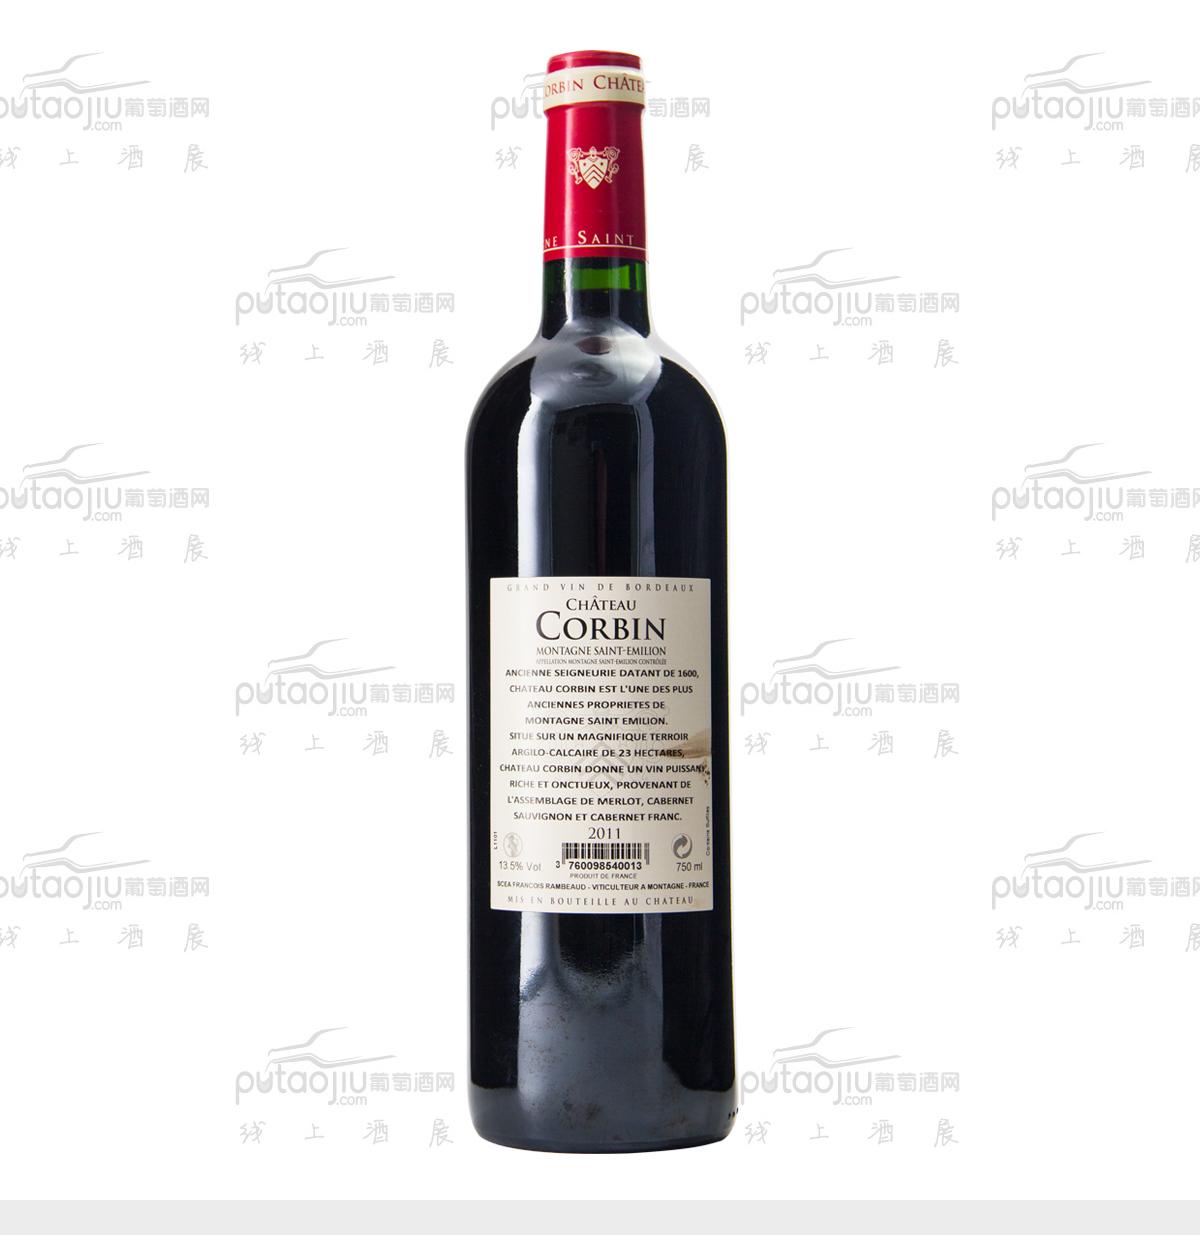 卡宾城堡红葡萄酒